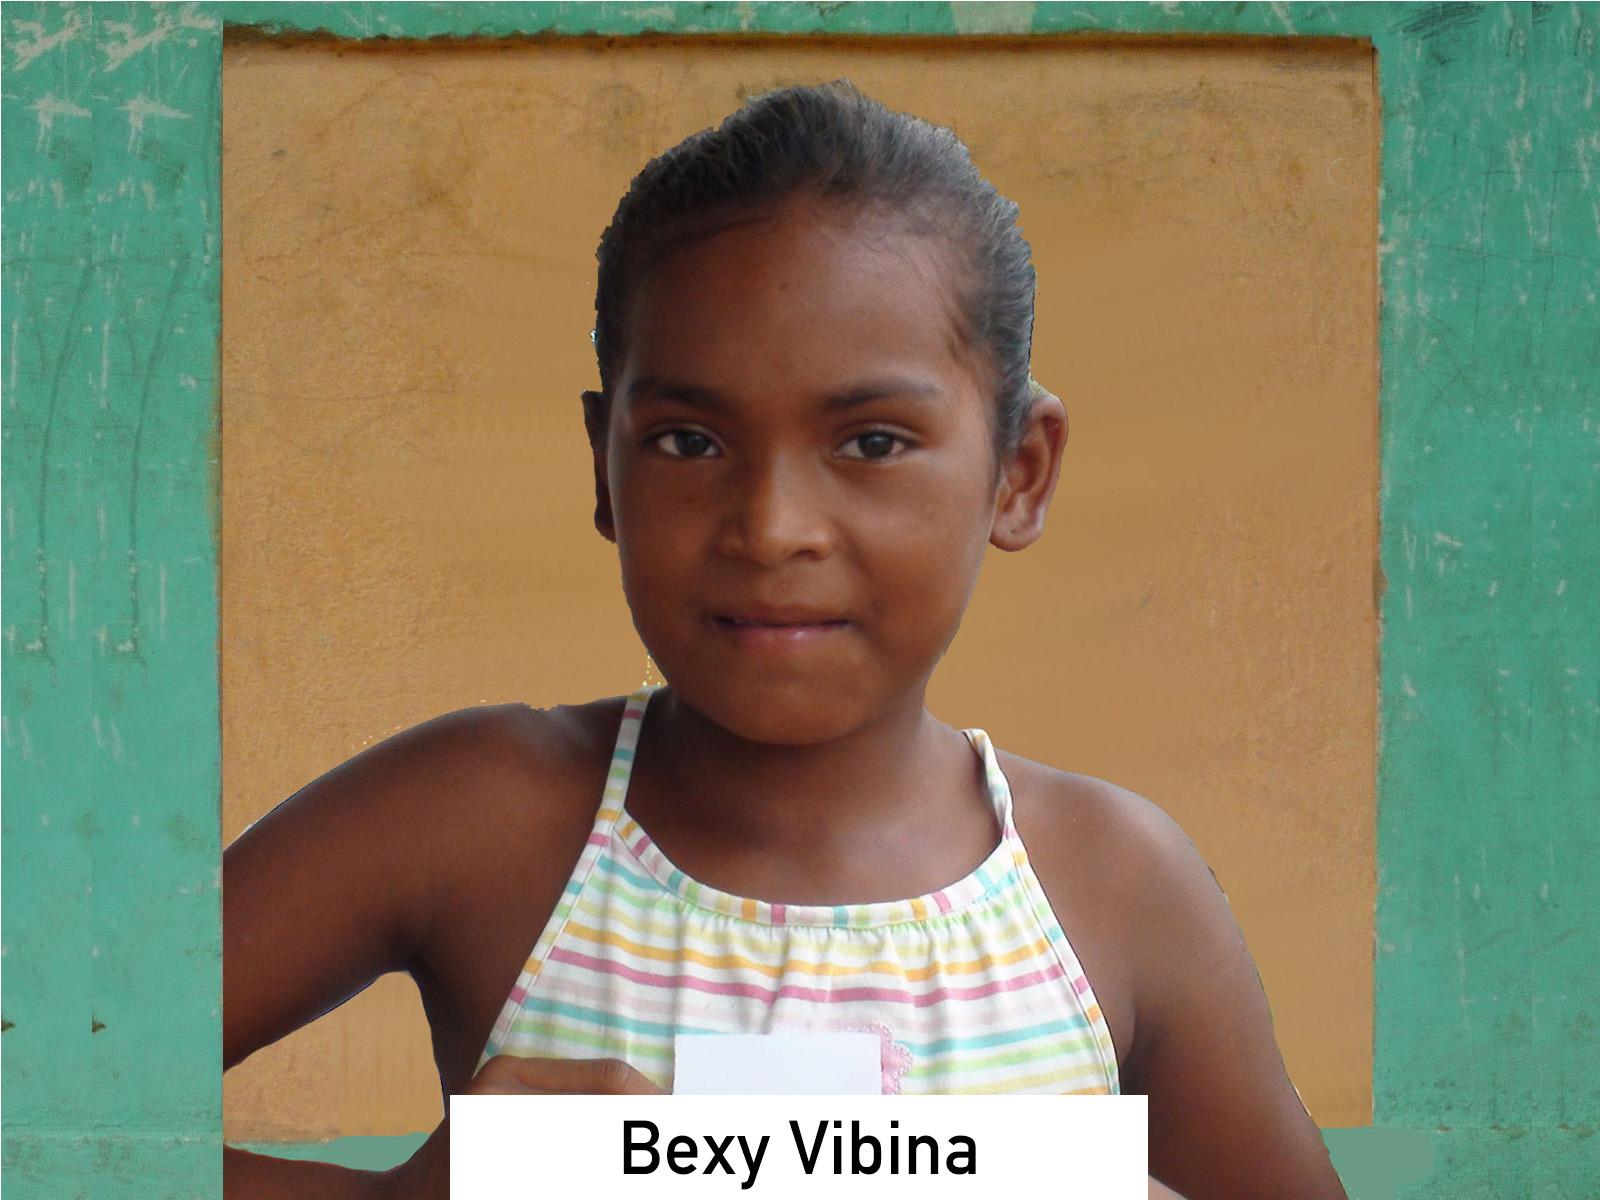 103 - Bexy Vibina.jpg